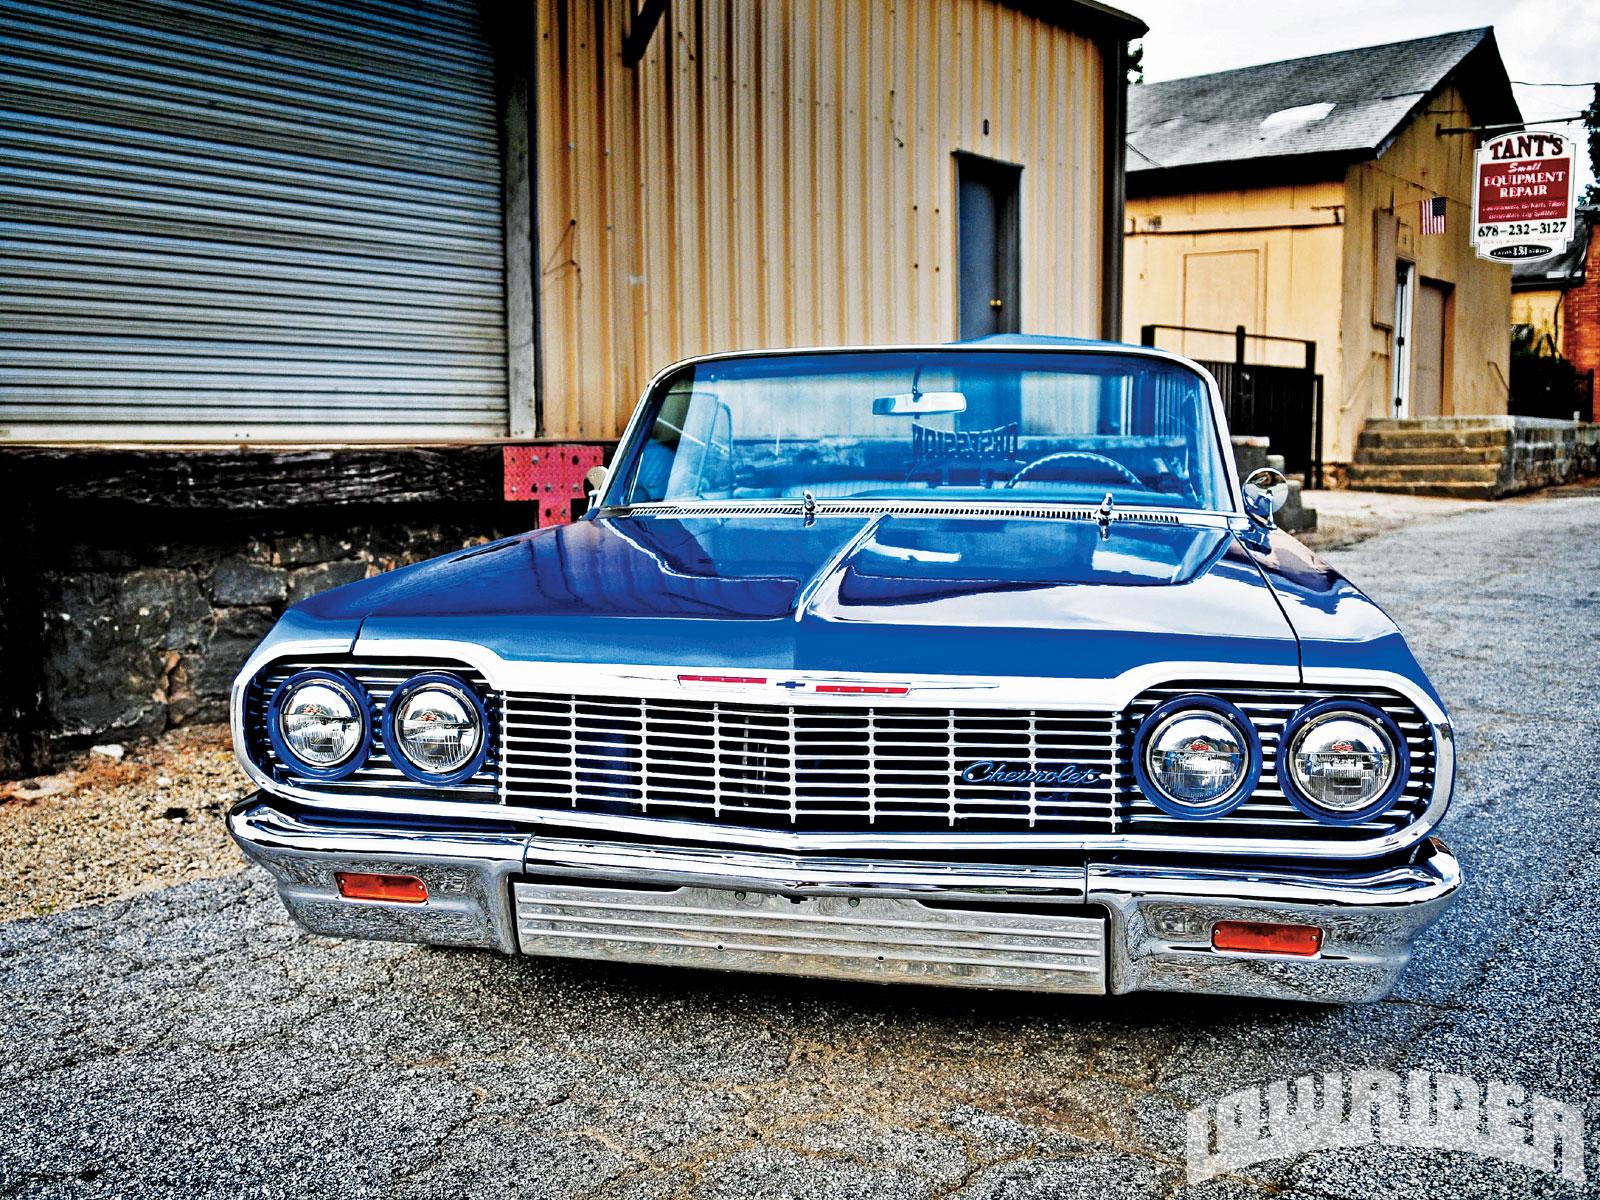 Kelebihan Kekurangan Chevrolet Impala 64 Top Model Tahun Ini